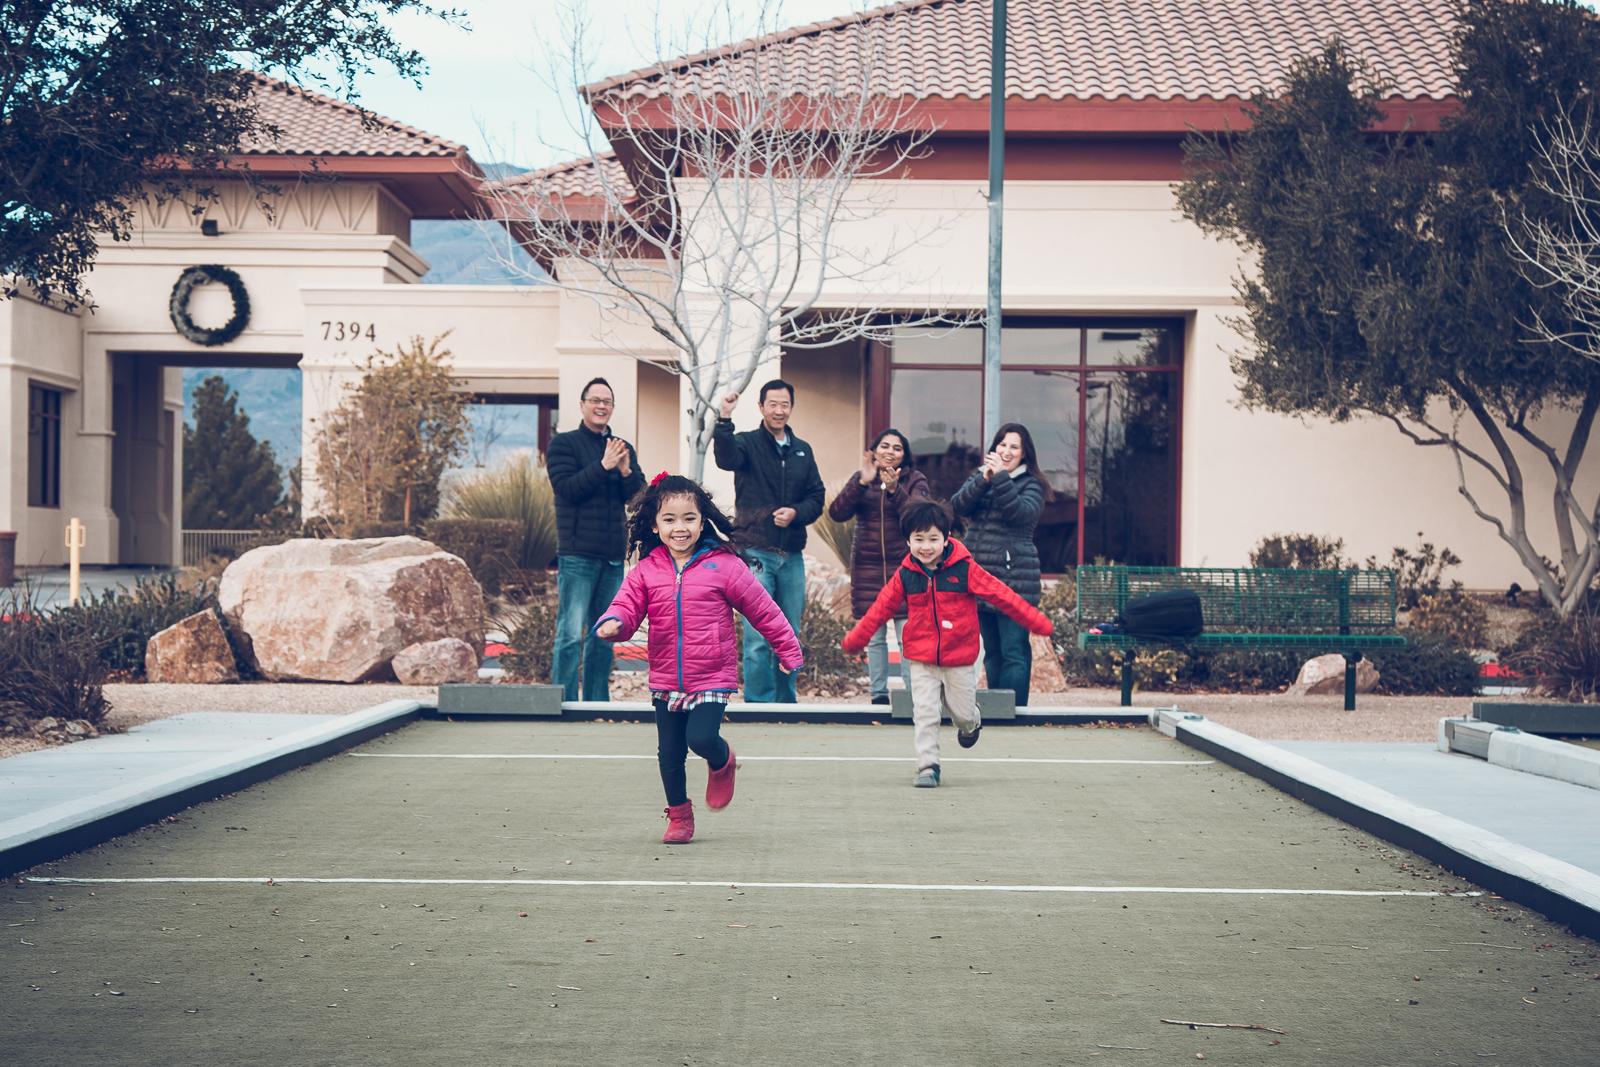 Hsai-Family-2016-11.jpg